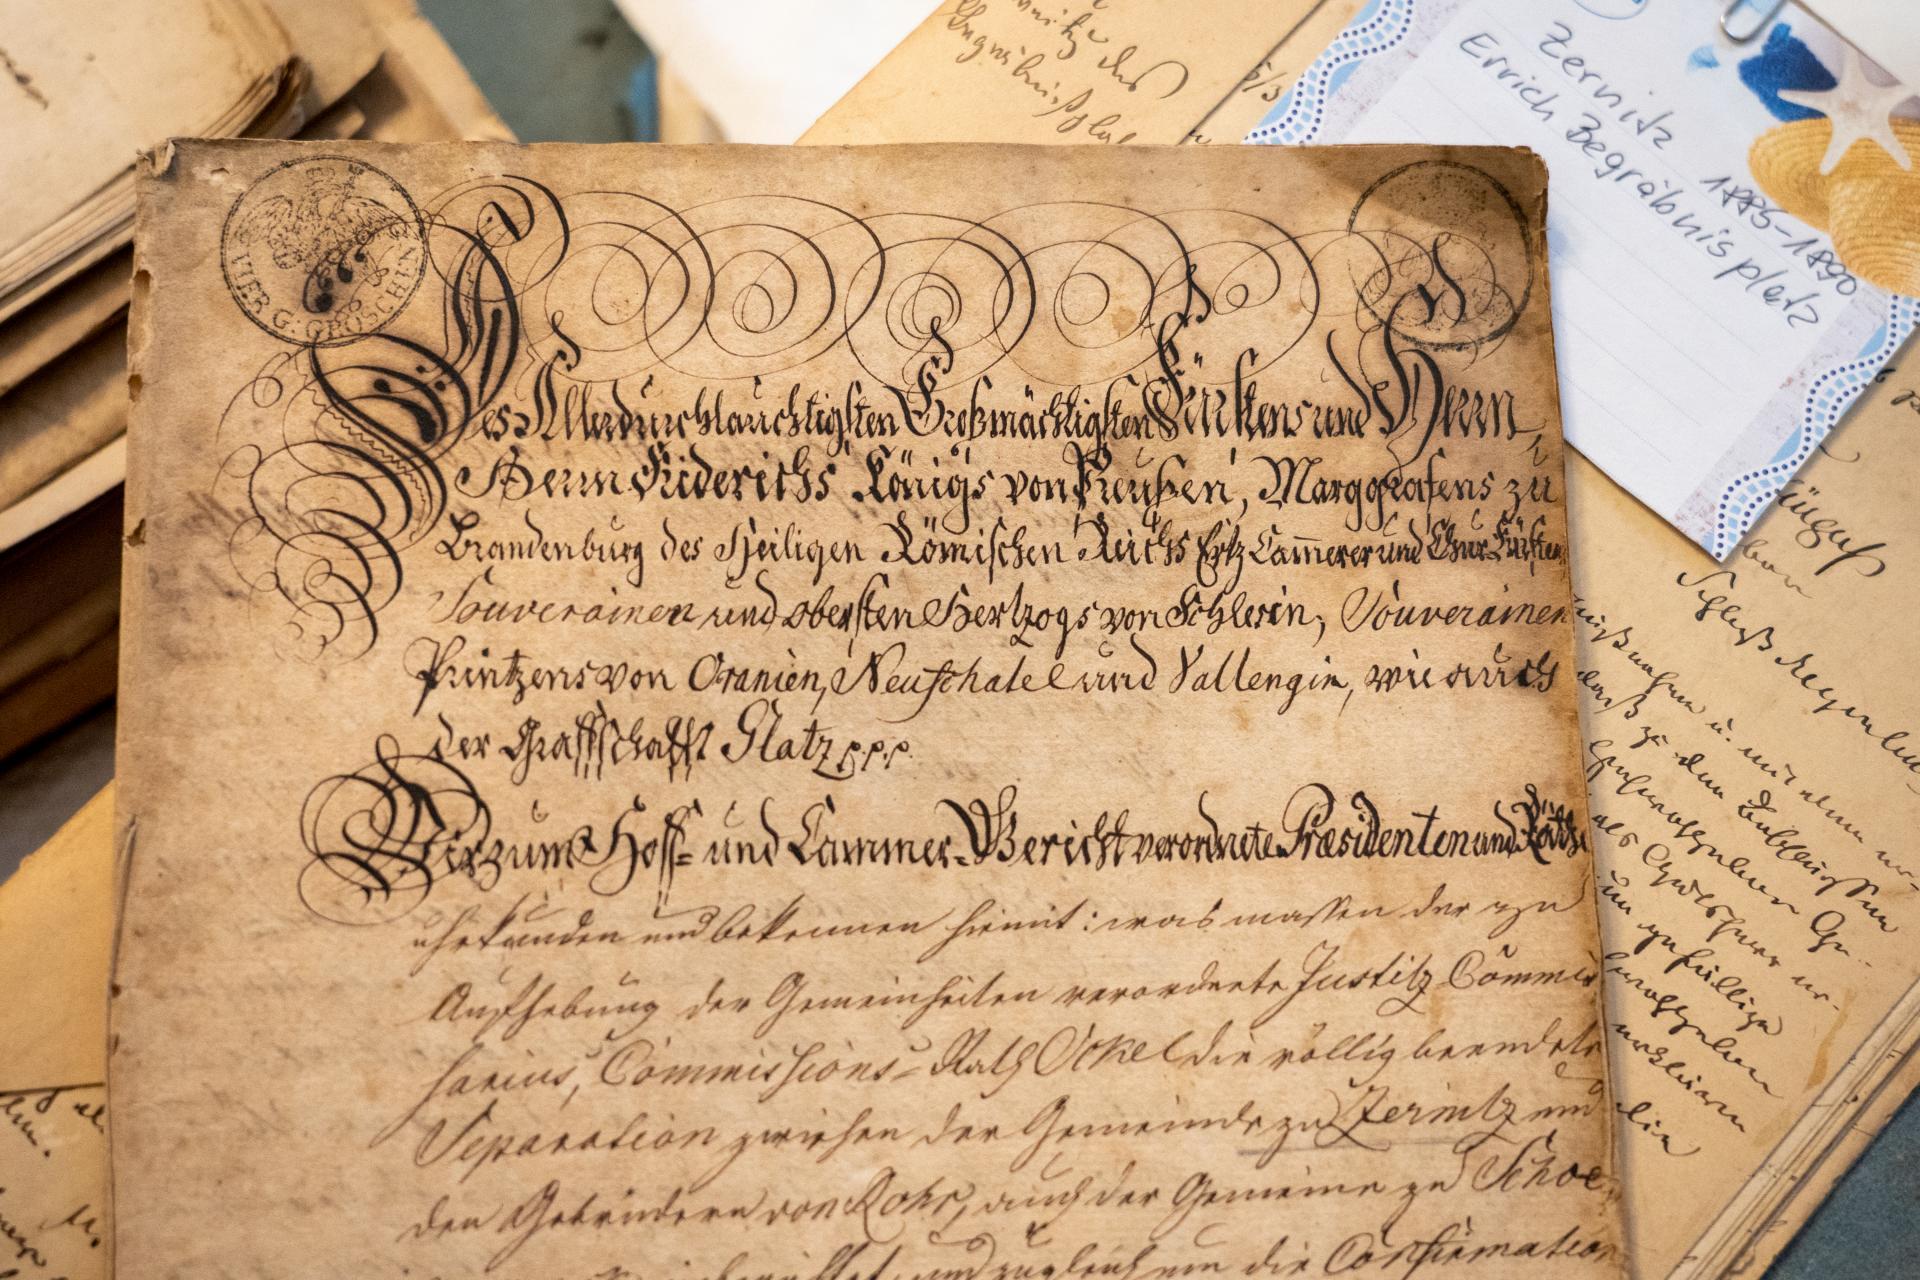 Dokument aus dem 18. Jahrhundert